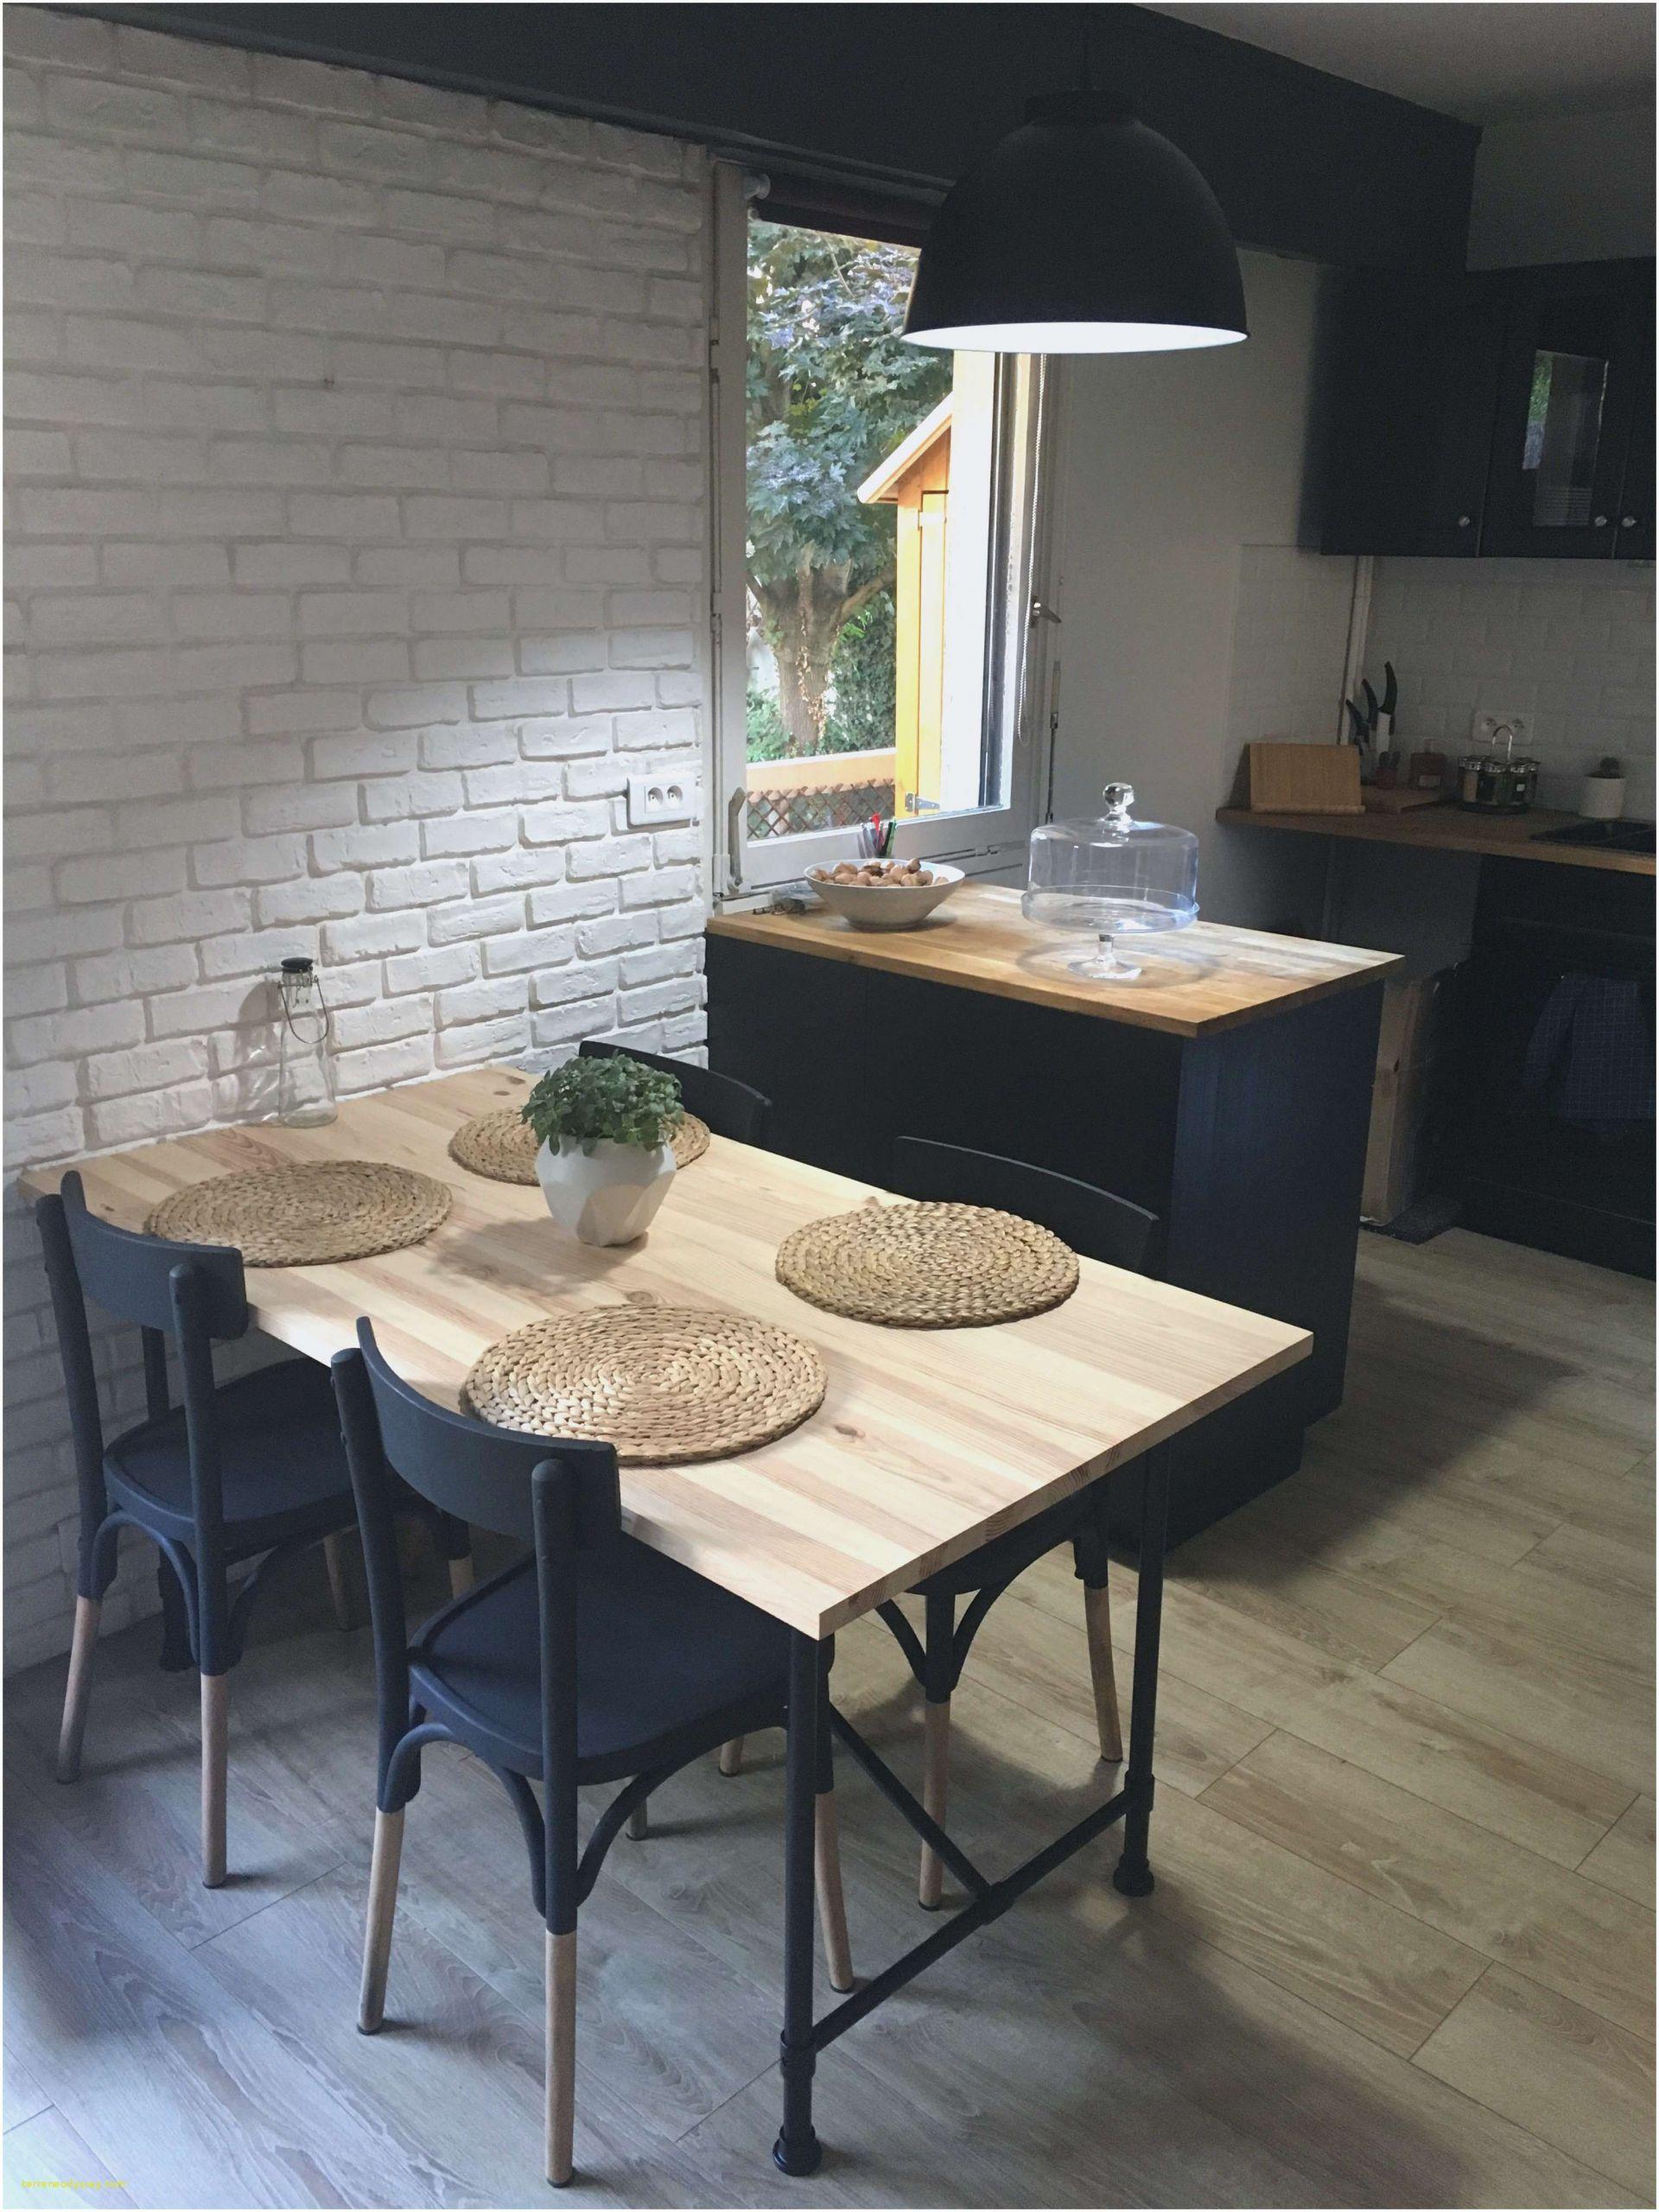 Salon De Jardin En Résine Unique Impressionnant 76 Beau Stock De Table Pliante Lidl Pour